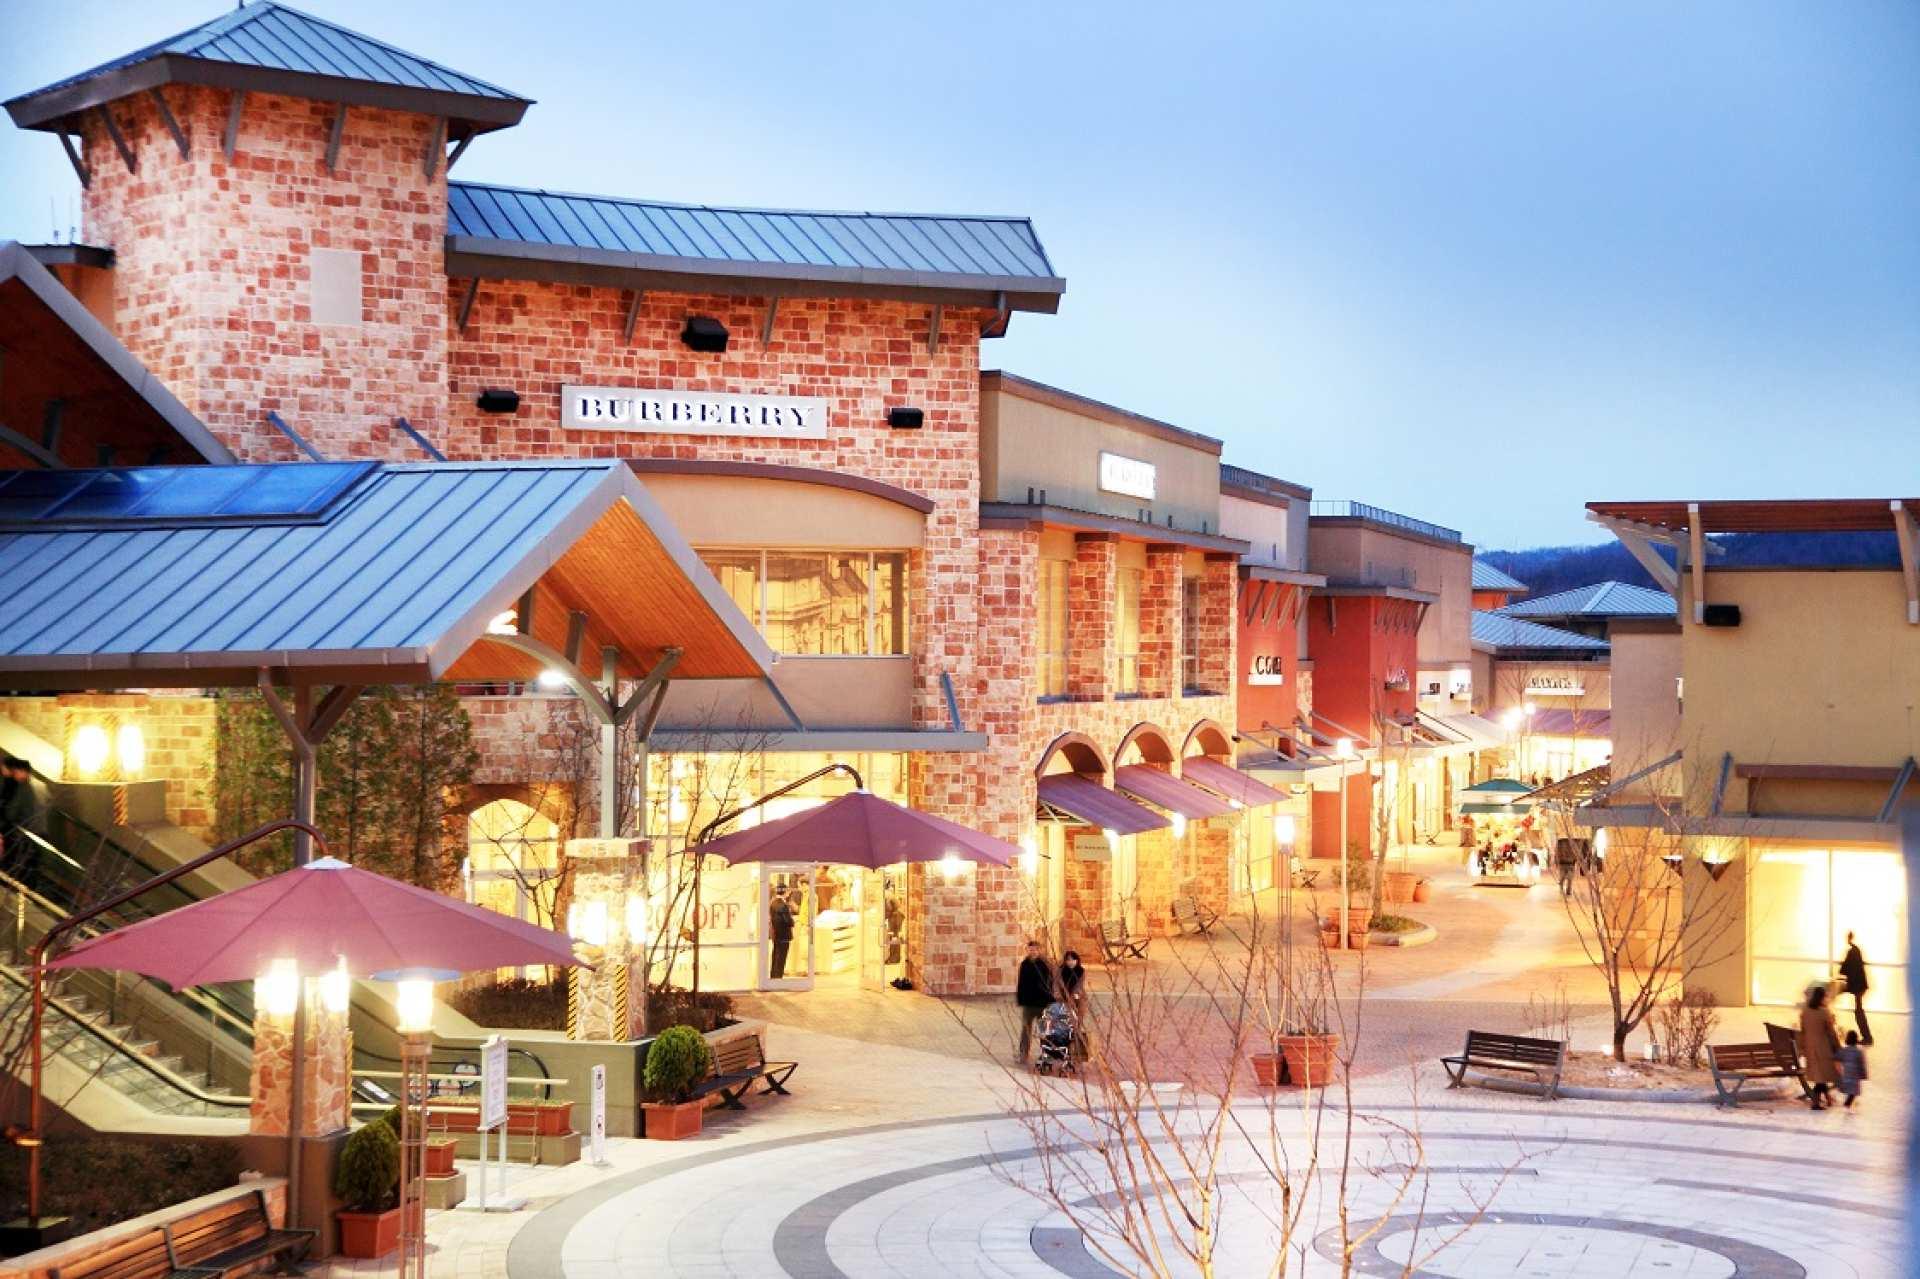 【首爾近郊景點】利川溫泉樂園、星光花園宇宙、驪州Outlets私人團一日遊